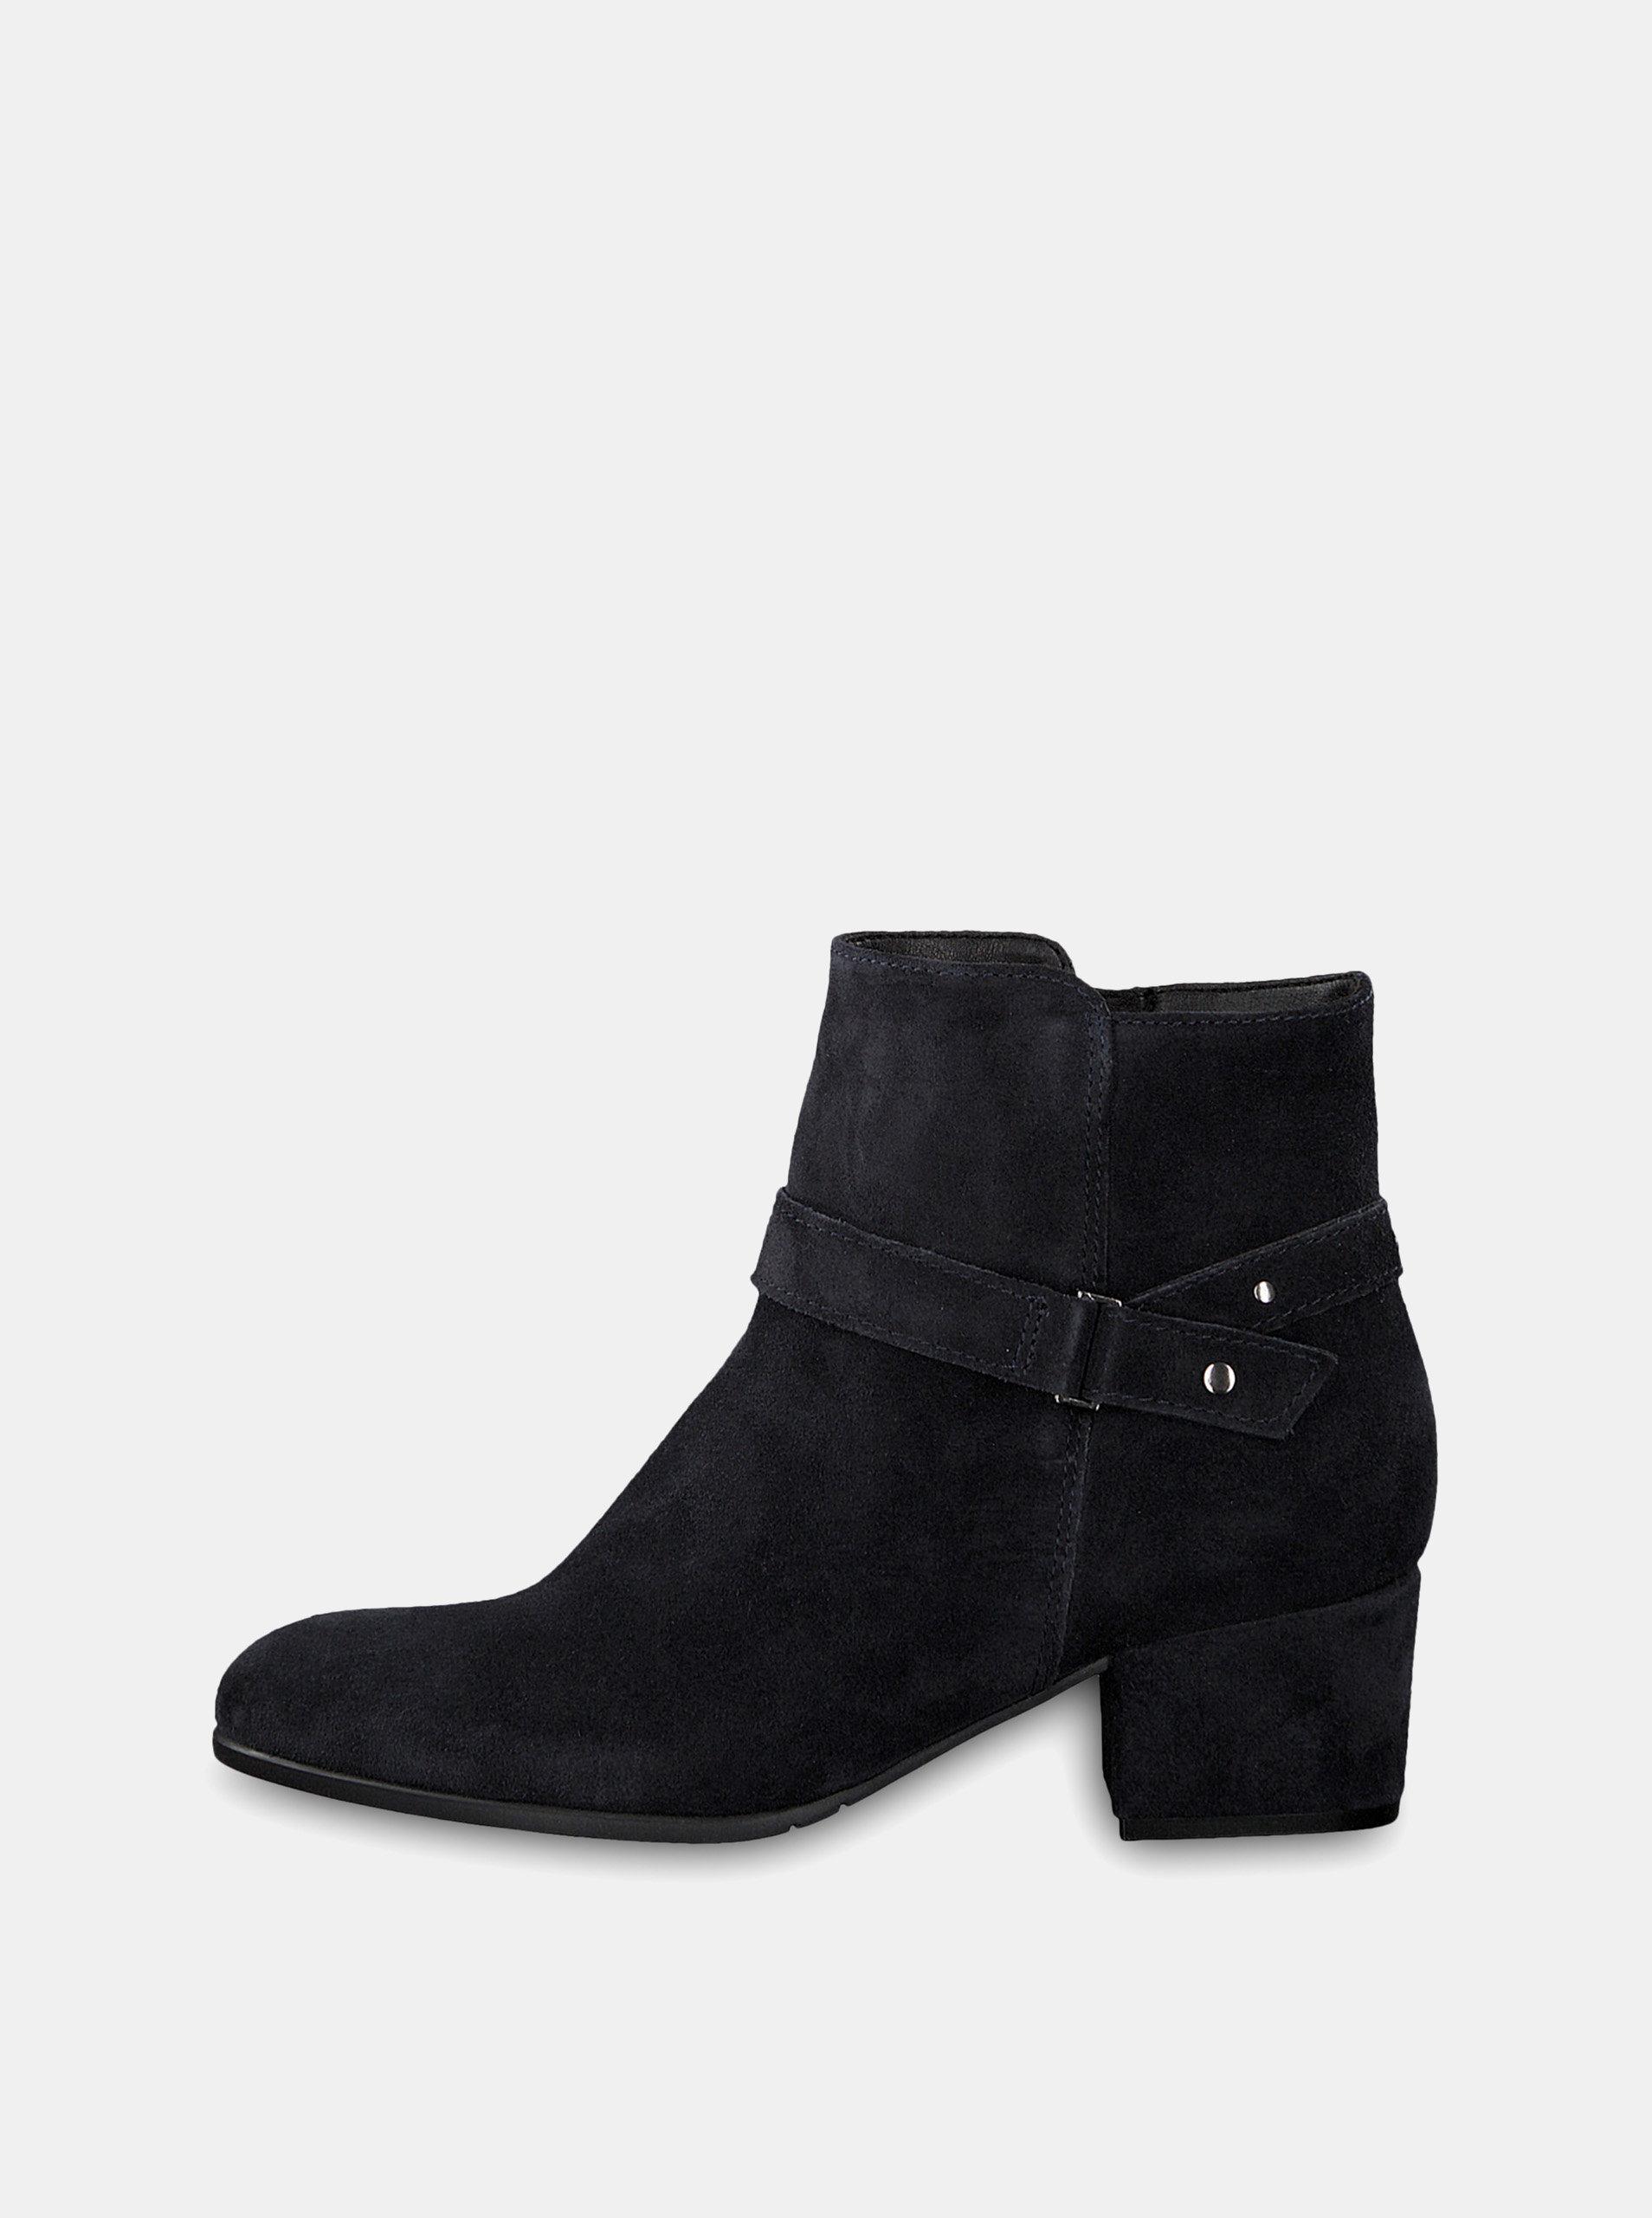 Tmavě modré semišové kotníkové boty na podpatku Tamaris ... bd9db2319c